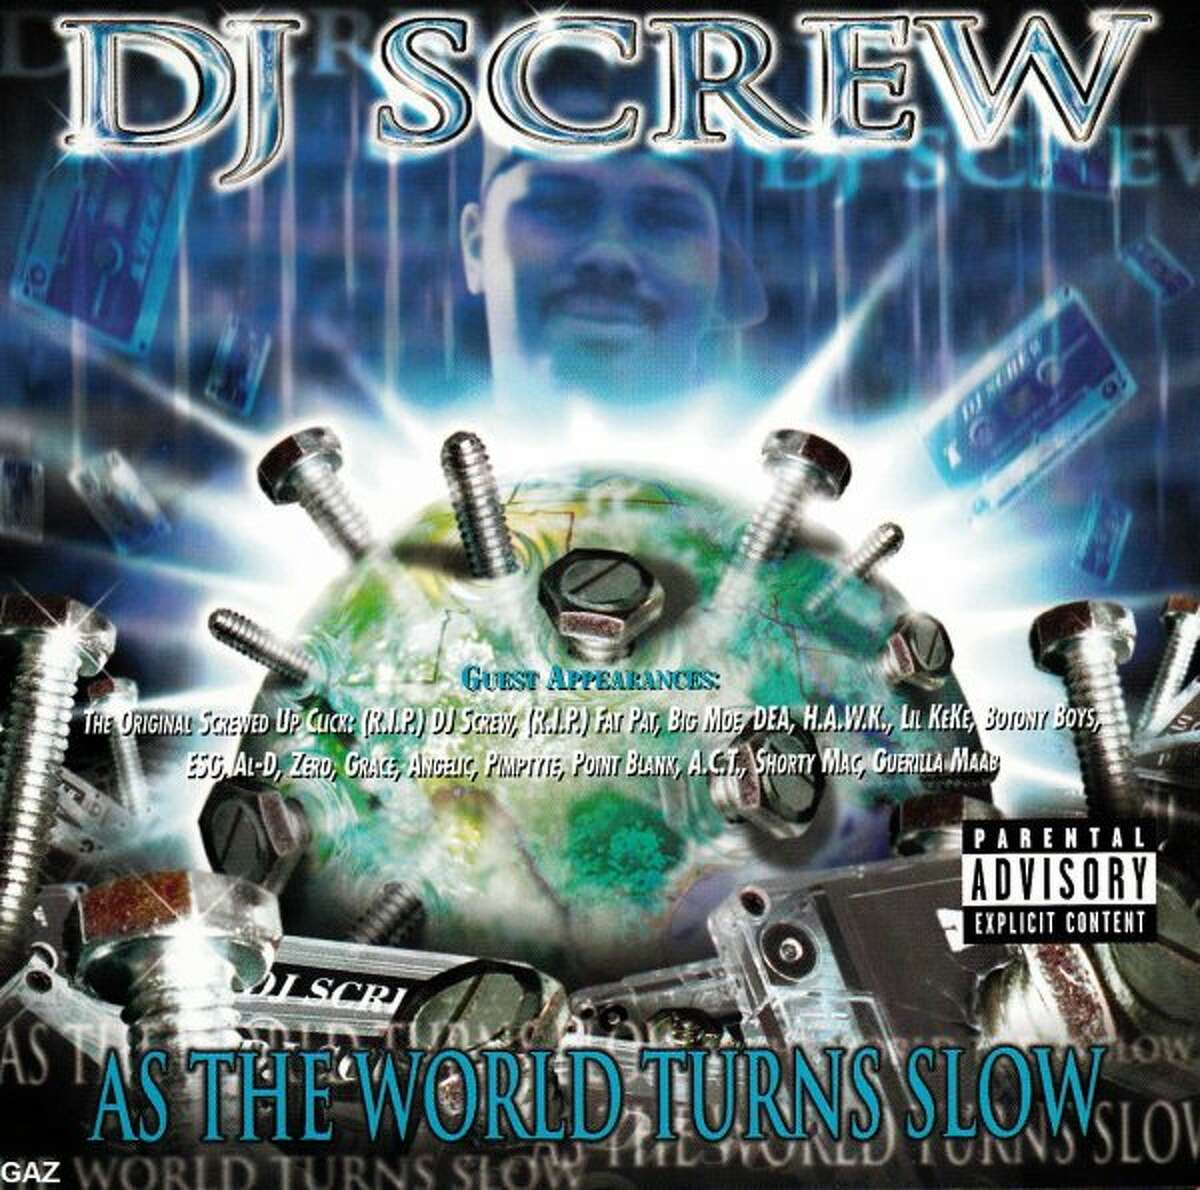 DJ Screw - As The World Turns Slow2002, Wreckless Entertainment Houston, Texas.